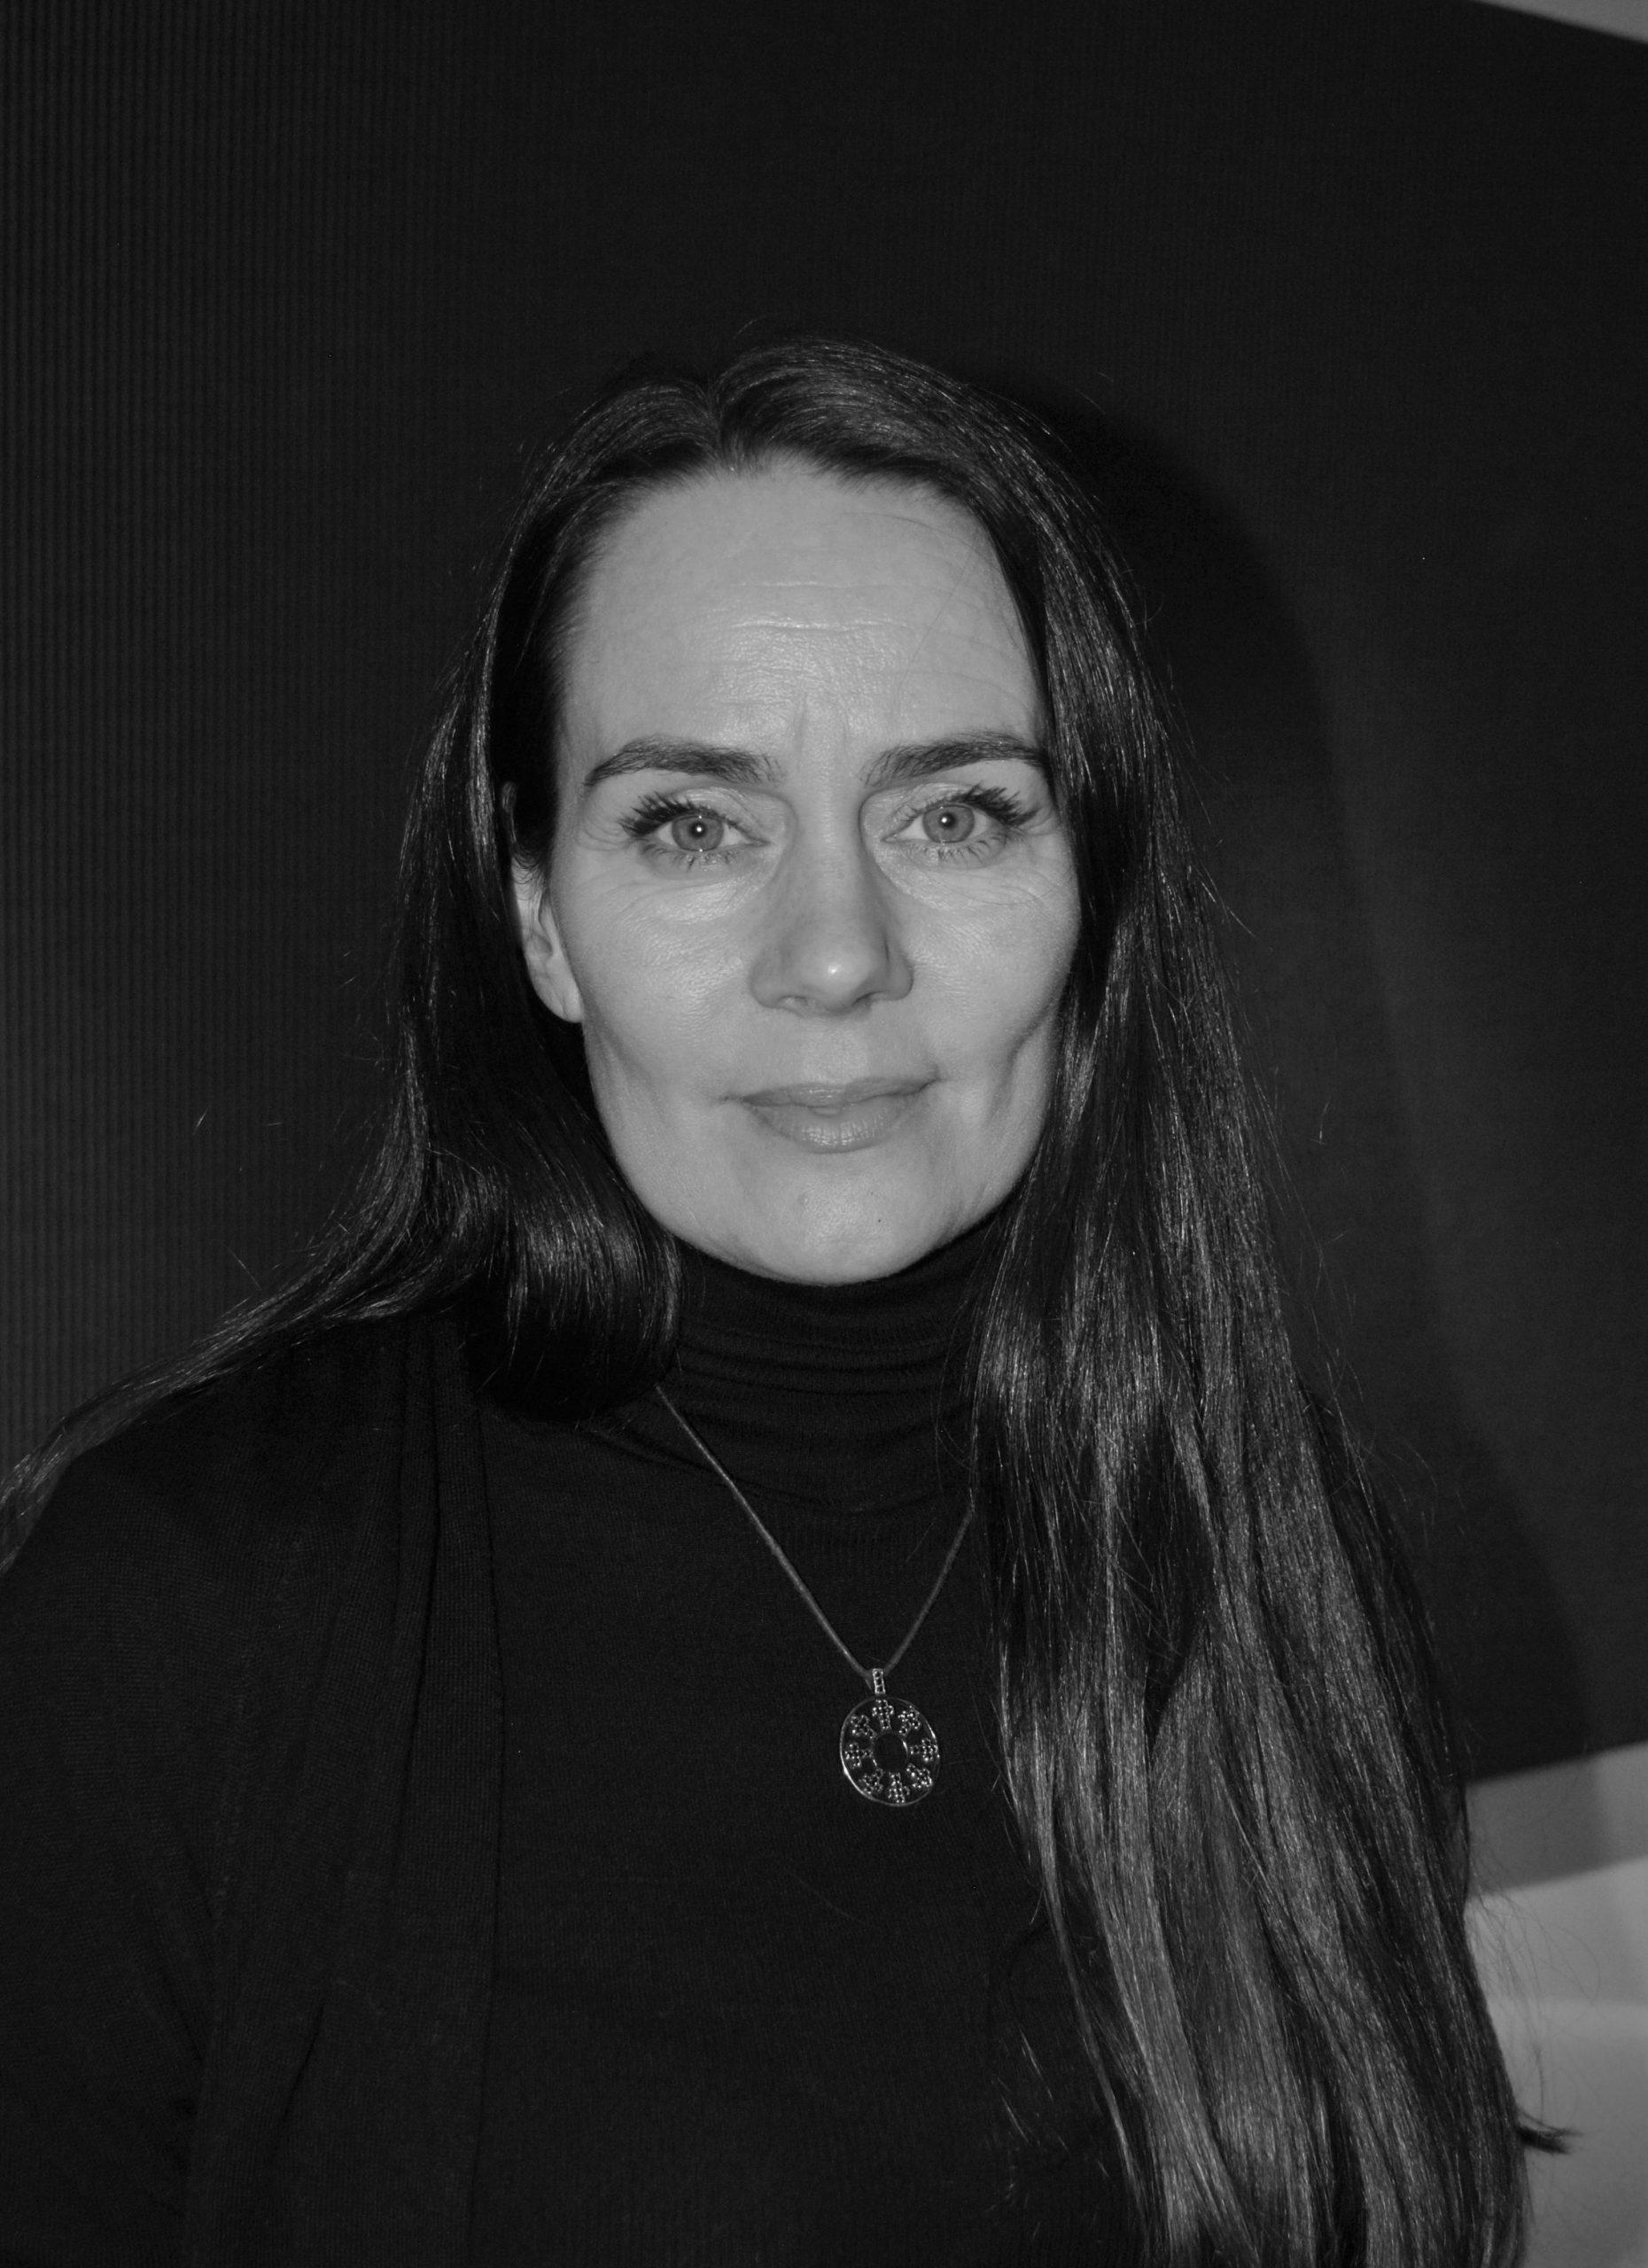 Hrönn Svansdóttir